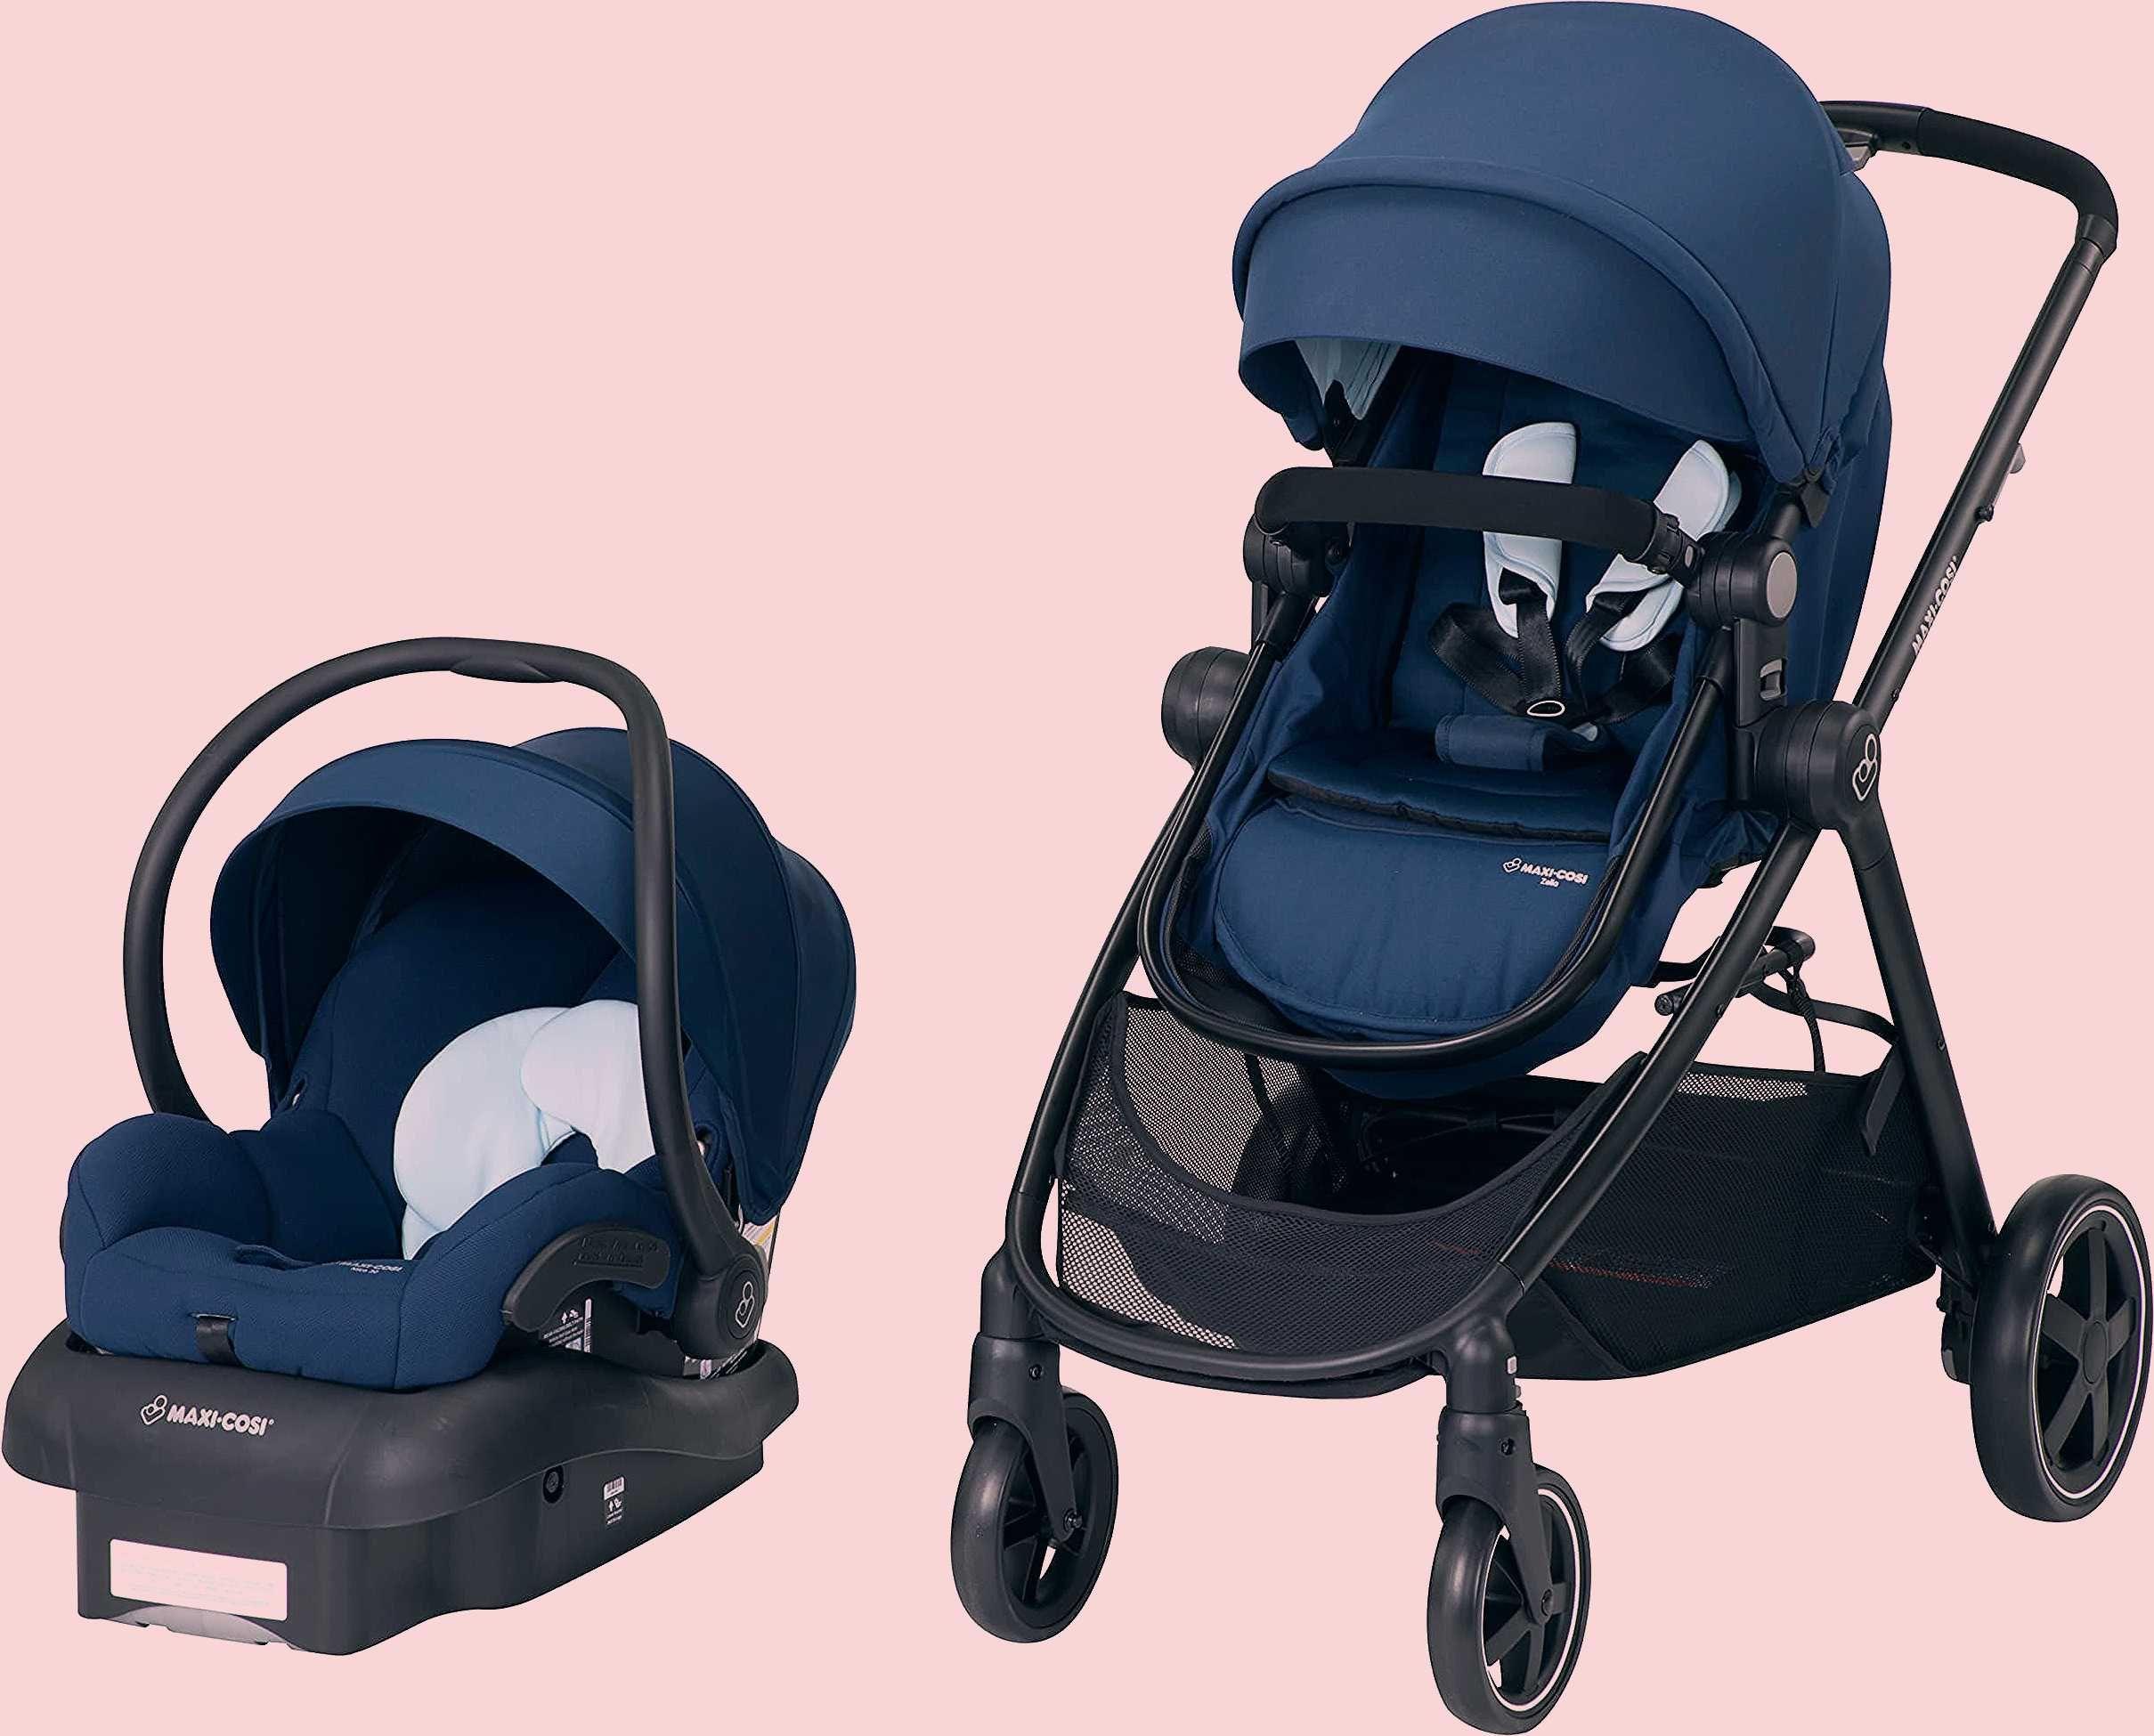 Mockingbird Stroller Vs Uppababy Vista V2 - Stroller